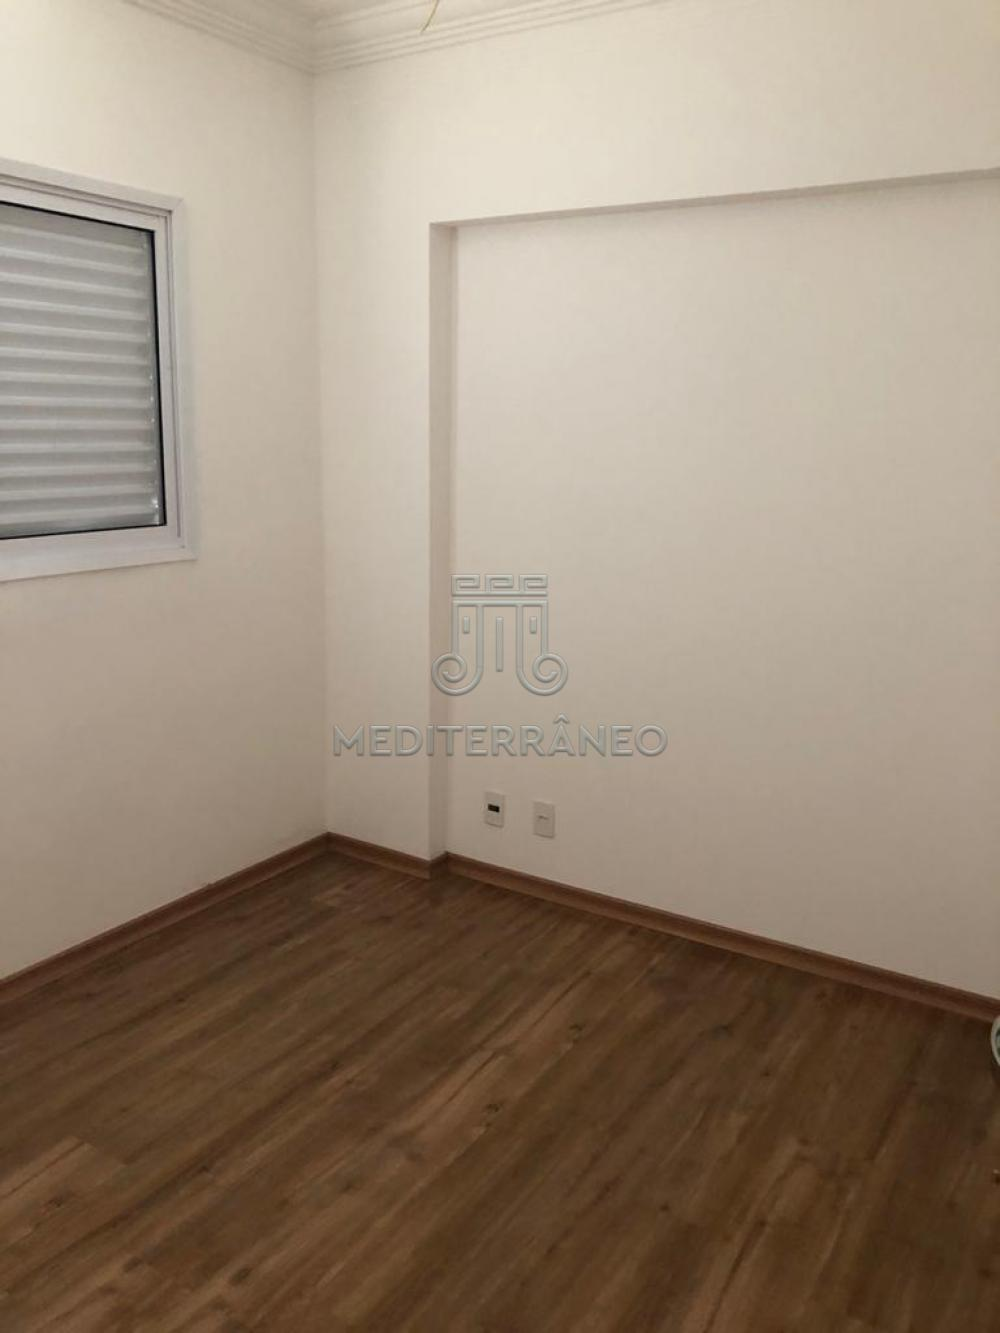 Comprar Apartamento / Padrão em Jundiaí apenas R$ 650.000,00 - Foto 3